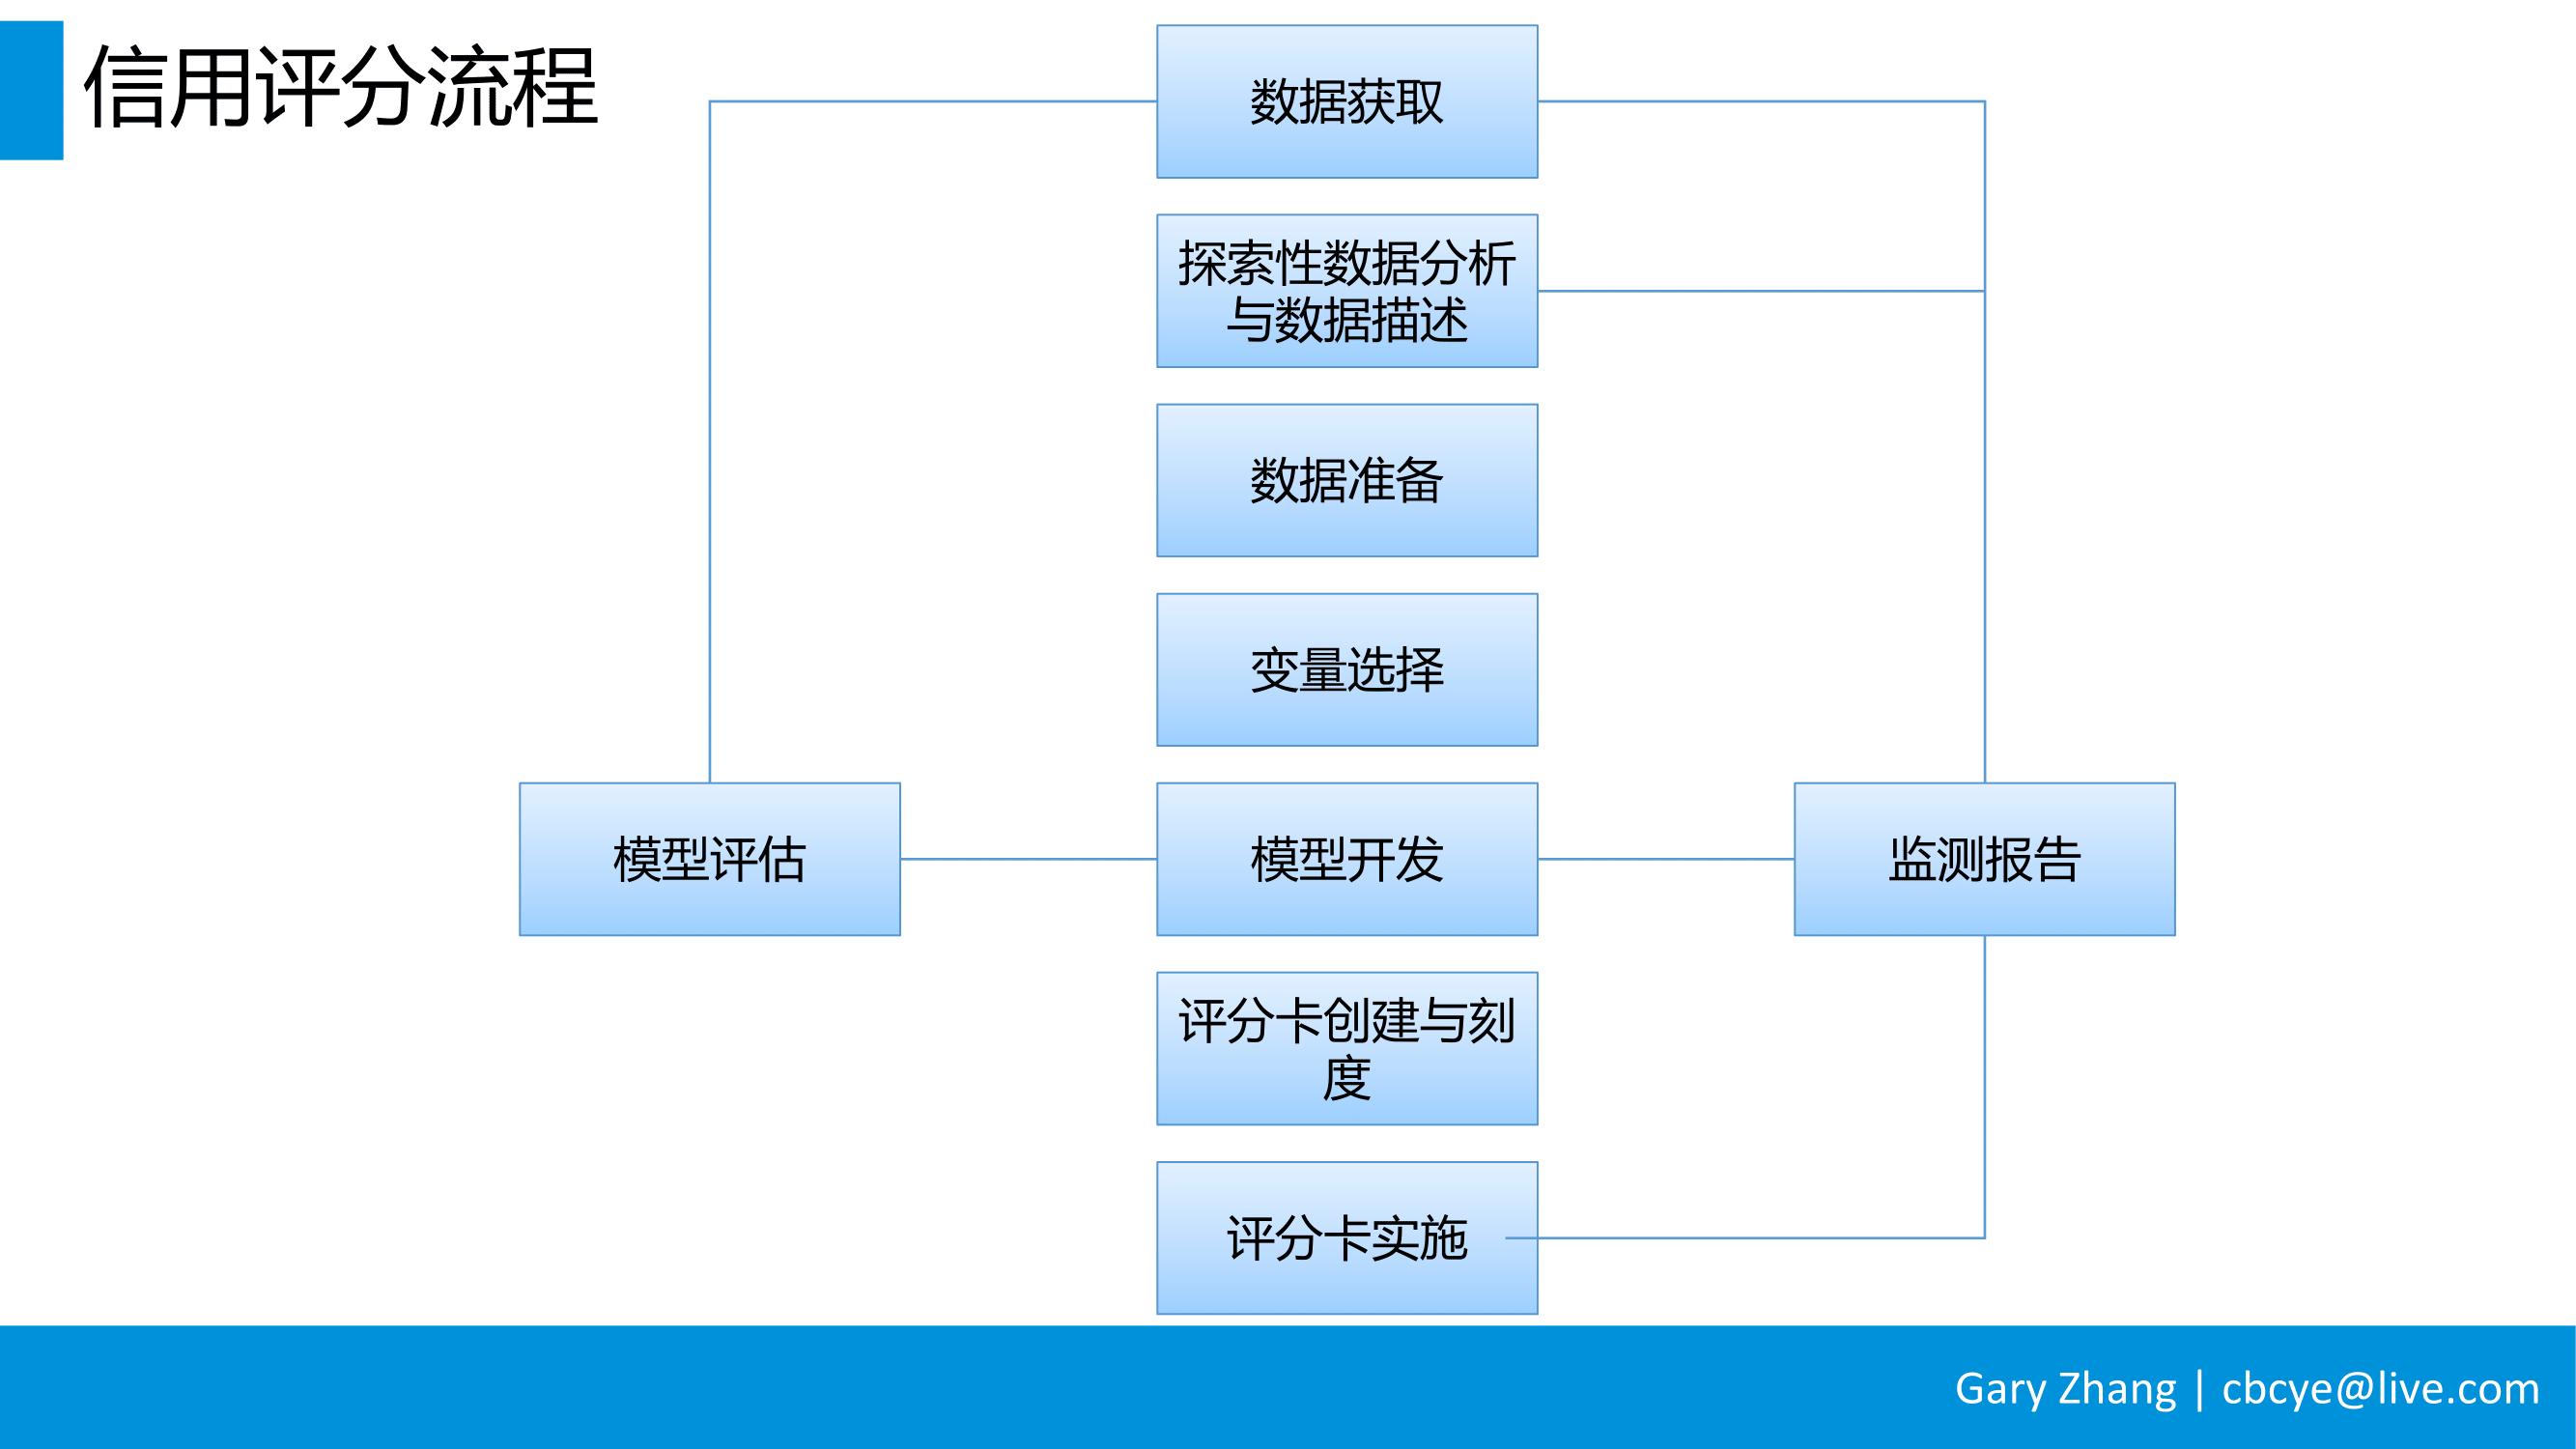 消费金融业务全流程指南_v1.0-027